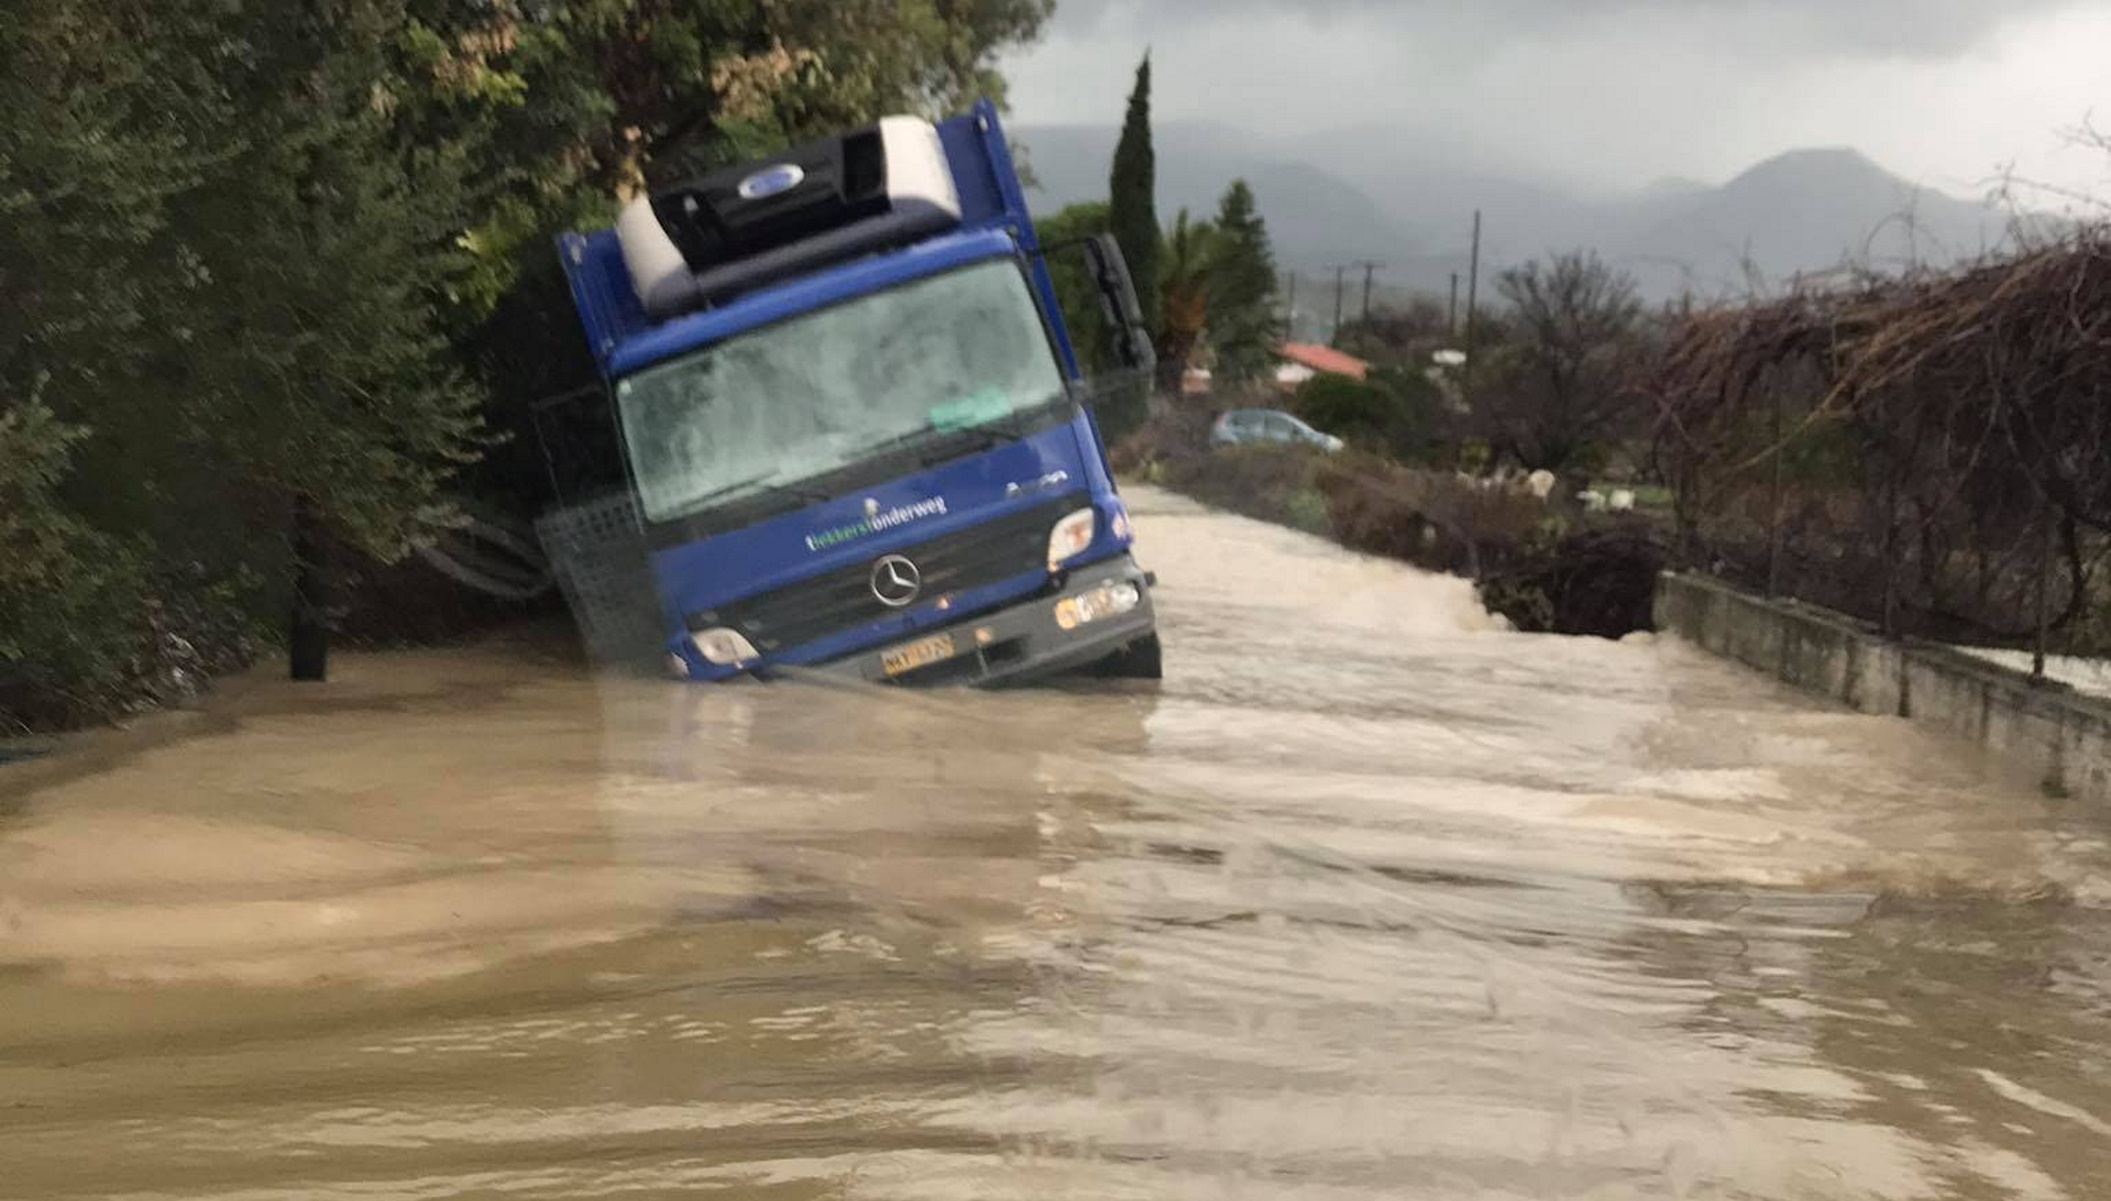 Καιρός – Σάμος: Πλημμυρισμένα σπίτια, κατολισθήσεις και κλειστά σχολεία (pics, video)